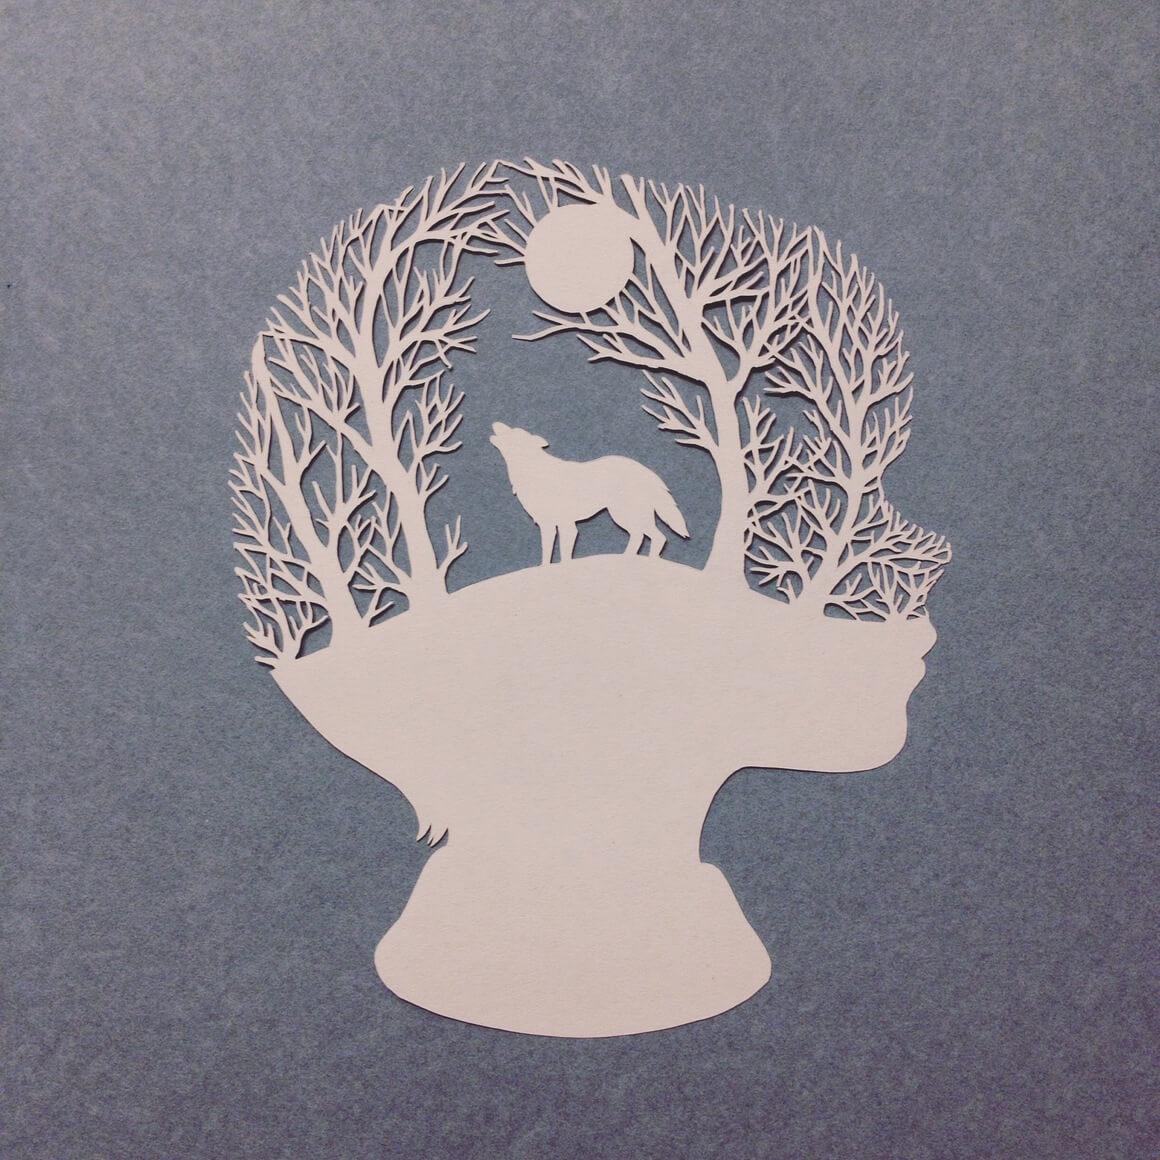 silueta de niño con ciervo hecho con papel cortado por Kanako Abe